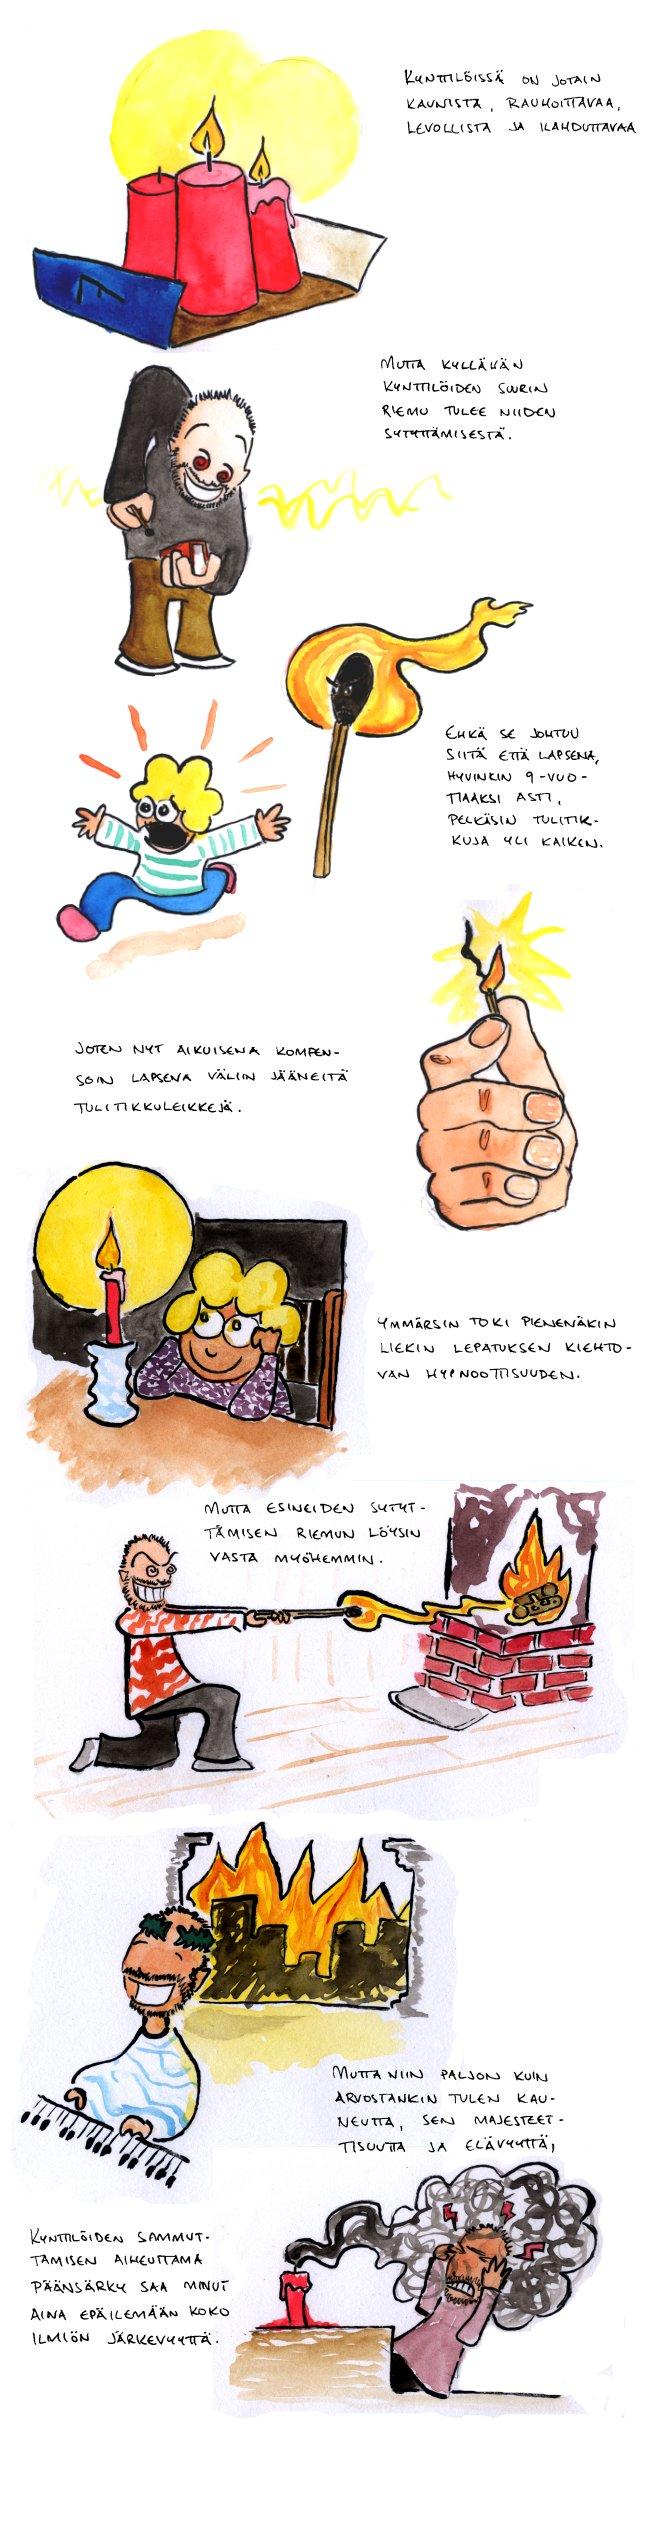 Joulukalenteri – Kynttilä